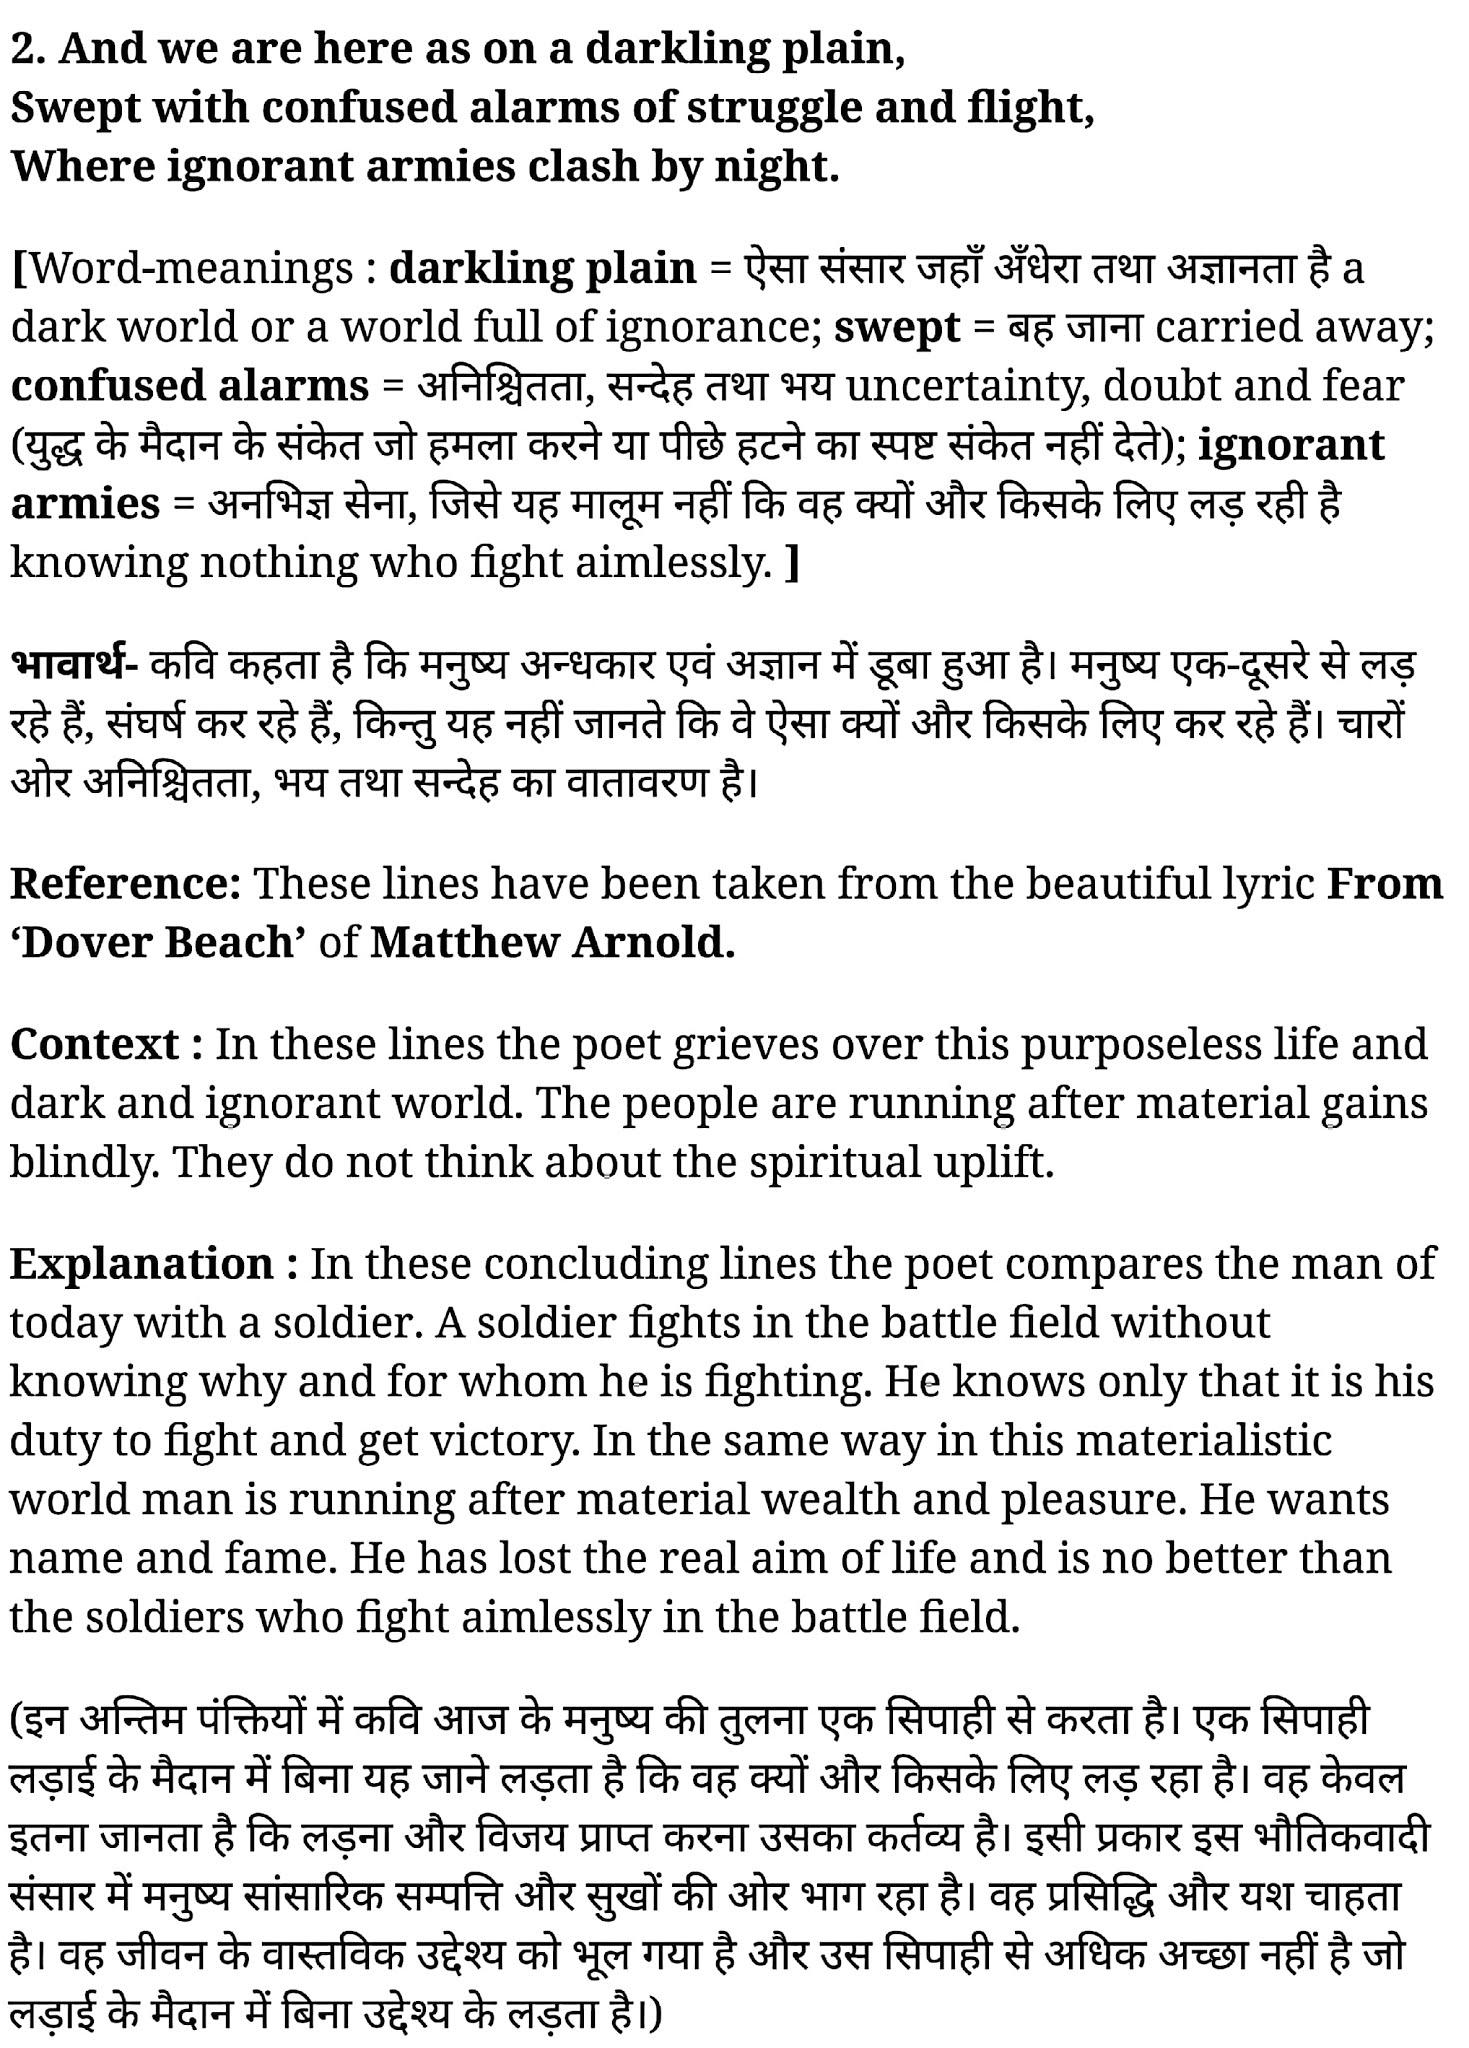 कक्षा 11 अंग्रेज़ी Poetry अध्याय 6  के नोट्स हिंदी में एनसीईआरटी समाधान,   class 11 english Poetry chapter 6,  class 11 english Poetry chapter 6 ncert solutions in hindi,  class 11 english Poetry chapter 6 notes in hindi,  class 11 english Poetry chapter 6 question answer,  class 11 english Poetry chapter 6 notes,  11   class Poetry chapter 6 Poetry chapter 6 in hindi,  class 11 english Poetry chapter 6 in hindi,  class 11 english Poetry chapter 6 important questions in hindi,  class 11 english  chapter 6 notes in hindi,  class 11 english Poetry chapter 6 test,  class 11 english  chapter 1Poetry chapter 6 pdf,  class 11 english Poetry chapter 6 notes pdf,  class 11 english Poetry chapter 6 exercise solutions,  class 11 english Poetry chapter 1, class 11 english Poetry chapter 6 notes study rankers,  class 11 english Poetry chapter 6 notes,  class 11 english  chapter 6 notes,   Poetry chapter 6  class 11  notes pdf,  Poetry chapter 6 class 11  notes 2021 ncert,   Poetry chapter 6 class 11 pdf,    Poetry chapter 6  book,     Poetry chapter 6 quiz class 11  ,       11  th Poetry chapter 6    book up board,       up board 11  th Poetry chapter 6 notes,  कक्षा 11 अंग्रेज़ी Poetry अध्याय 6 , कक्षा 11 अंग्रेज़ी का Poetry अध्याय 6  ncert solution in hindi, कक्षा 11 अंग्रेज़ी के Poetry अध्याय 6  के नोट्स हिंदी में, कक्षा 11 का अंग्रेज़ीPoetry अध्याय 6 का प्रश्न उत्तर, कक्षा 11 अंग्रेज़ी Poetry अध्याय 6 के नोट्स, 11 कक्षा अंग्रेज़ी Poetry अध्याय 6   हिंदी में,कक्षा 11 अंग्रेज़ी Poetry अध्याय 6  हिंदी में, कक्षा 11 अंग्रेज़ी Poetry अध्याय 6  महत्वपूर्ण प्रश्न हिंदी में,कक्षा 11 के अंग्रेज़ी के नोट्स हिंदी में,अंग्रेज़ी कक्षा 11 नोट्स pdf,  अंग्रेज़ी  कक्षा 11 नोट्स 2021 ncert,  अंग्रेज़ी  कक्षा 11 pdf,  अंग्रेज़ी  पुस्तक,  अंग्रेज़ी की बुक,  अंग्रेज़ी  प्रश्नोत्तरी class 11  , 11   वीं अंग्रेज़ी  पुस्तक up board,  बिहार बोर्ड 11  पुस्तक वीं अंग्रेज़ी नोट्स,    11th Prose chapter 1   book in hindi,11  th Prose chapter 1 notes in hindi,cbse books for class 11  ,cbse books in hin